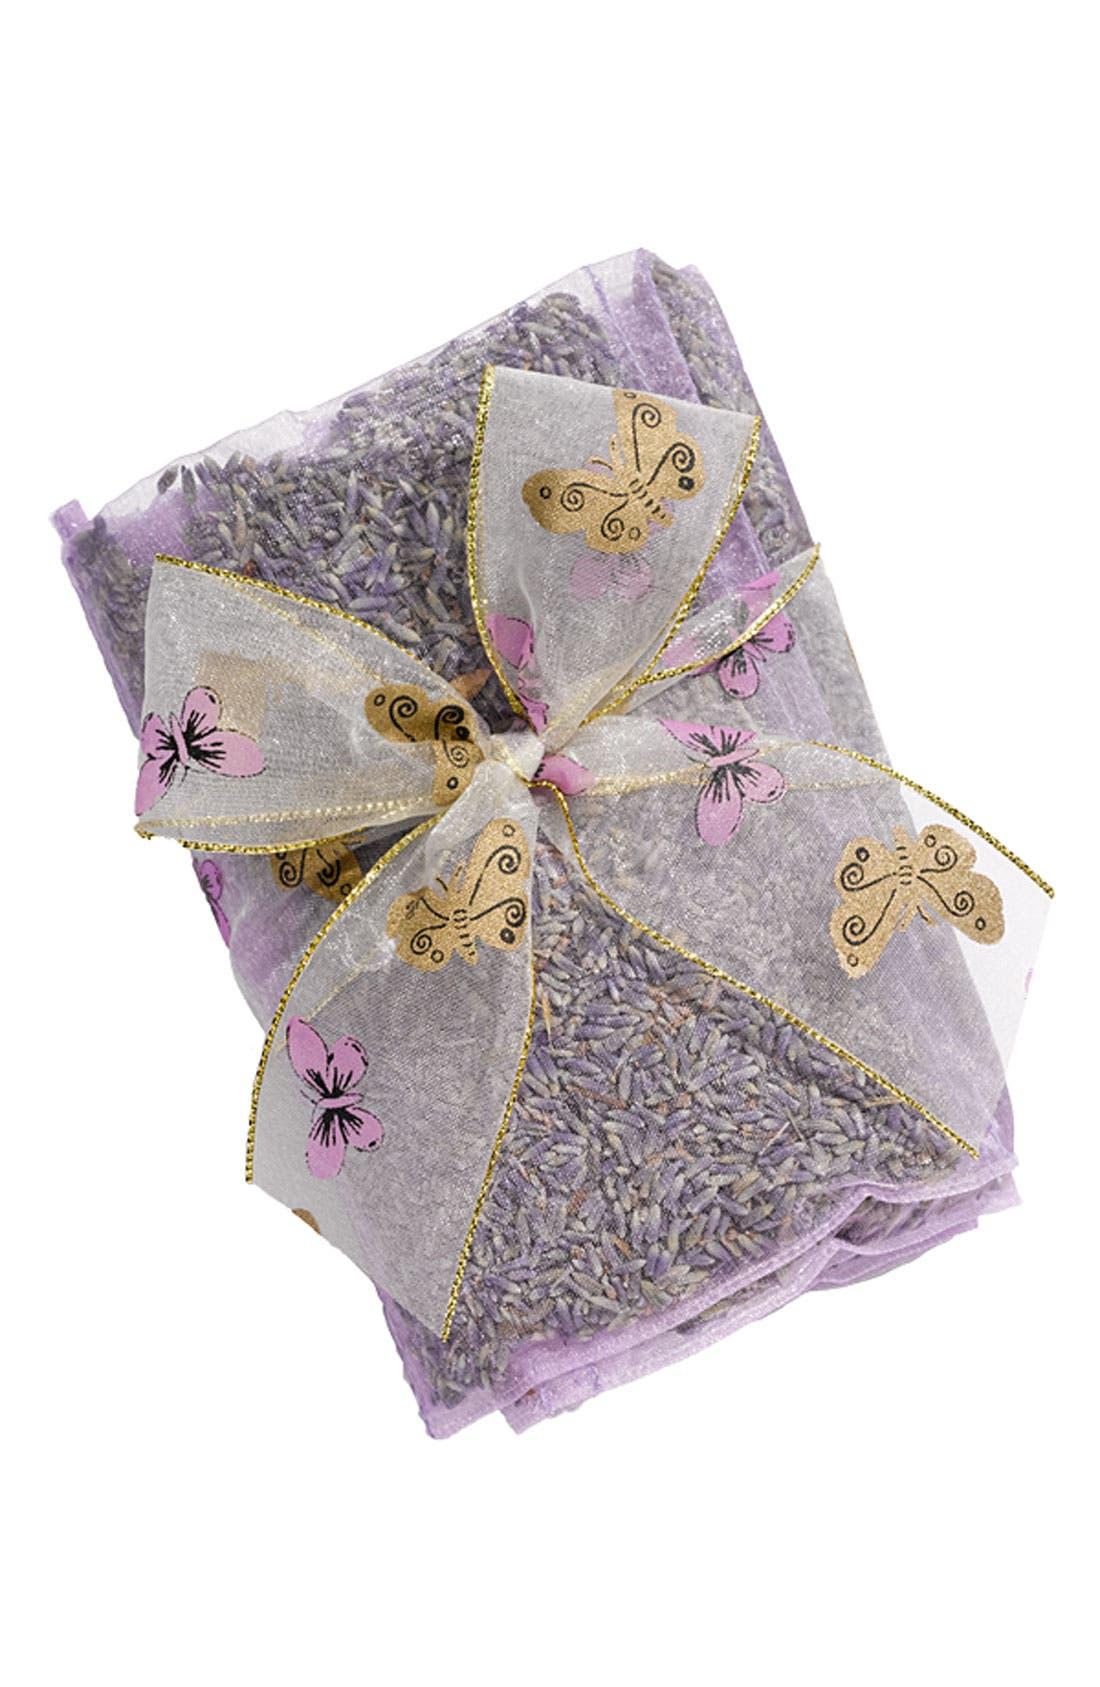 Sonoma Lavender Sachet